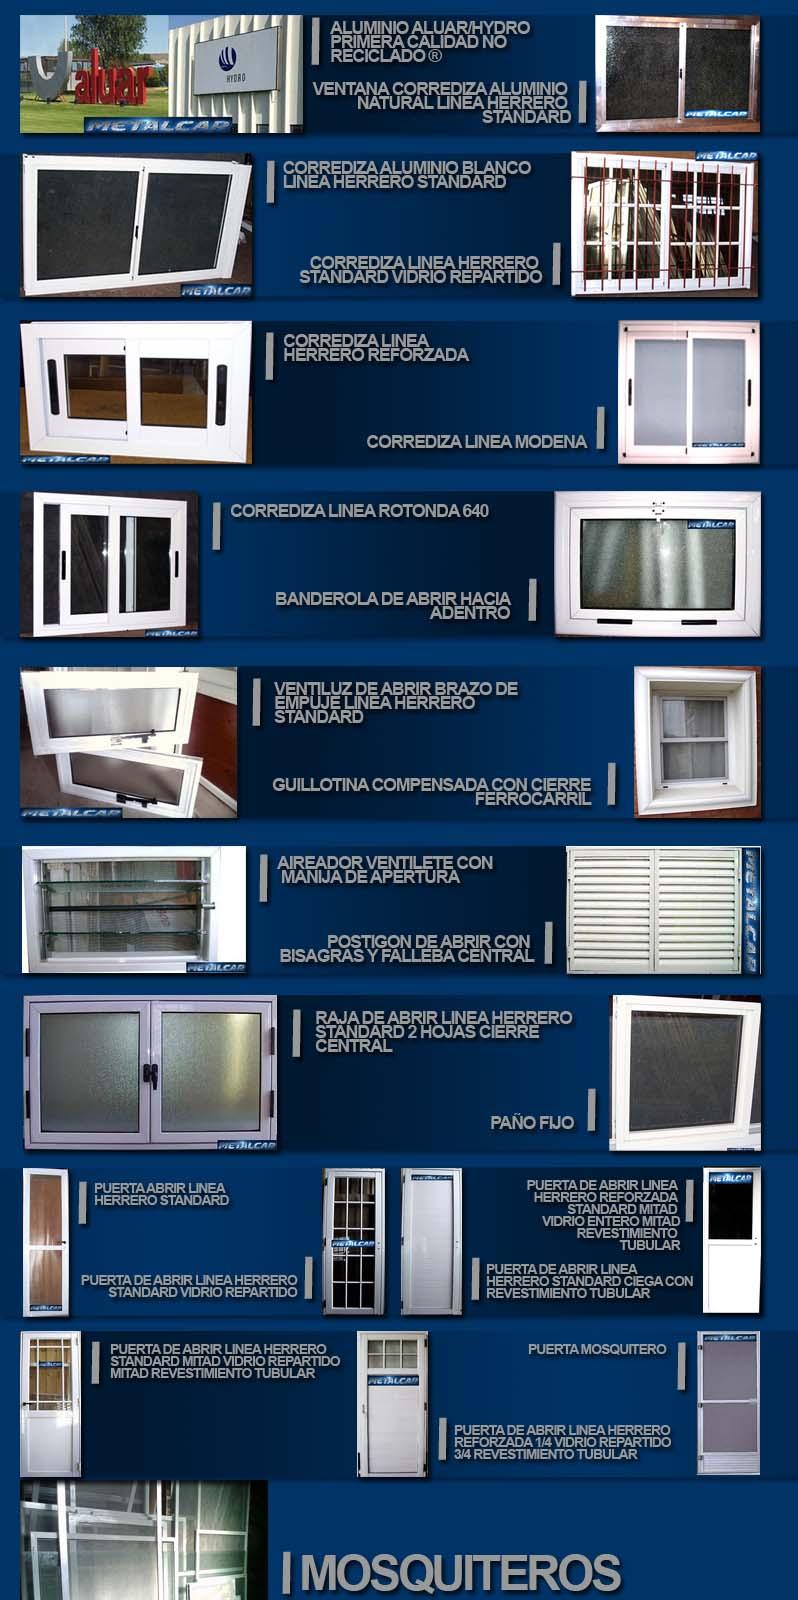 Metalcar aberturas de aluminio for Aberturas de aluminio precios en la plata